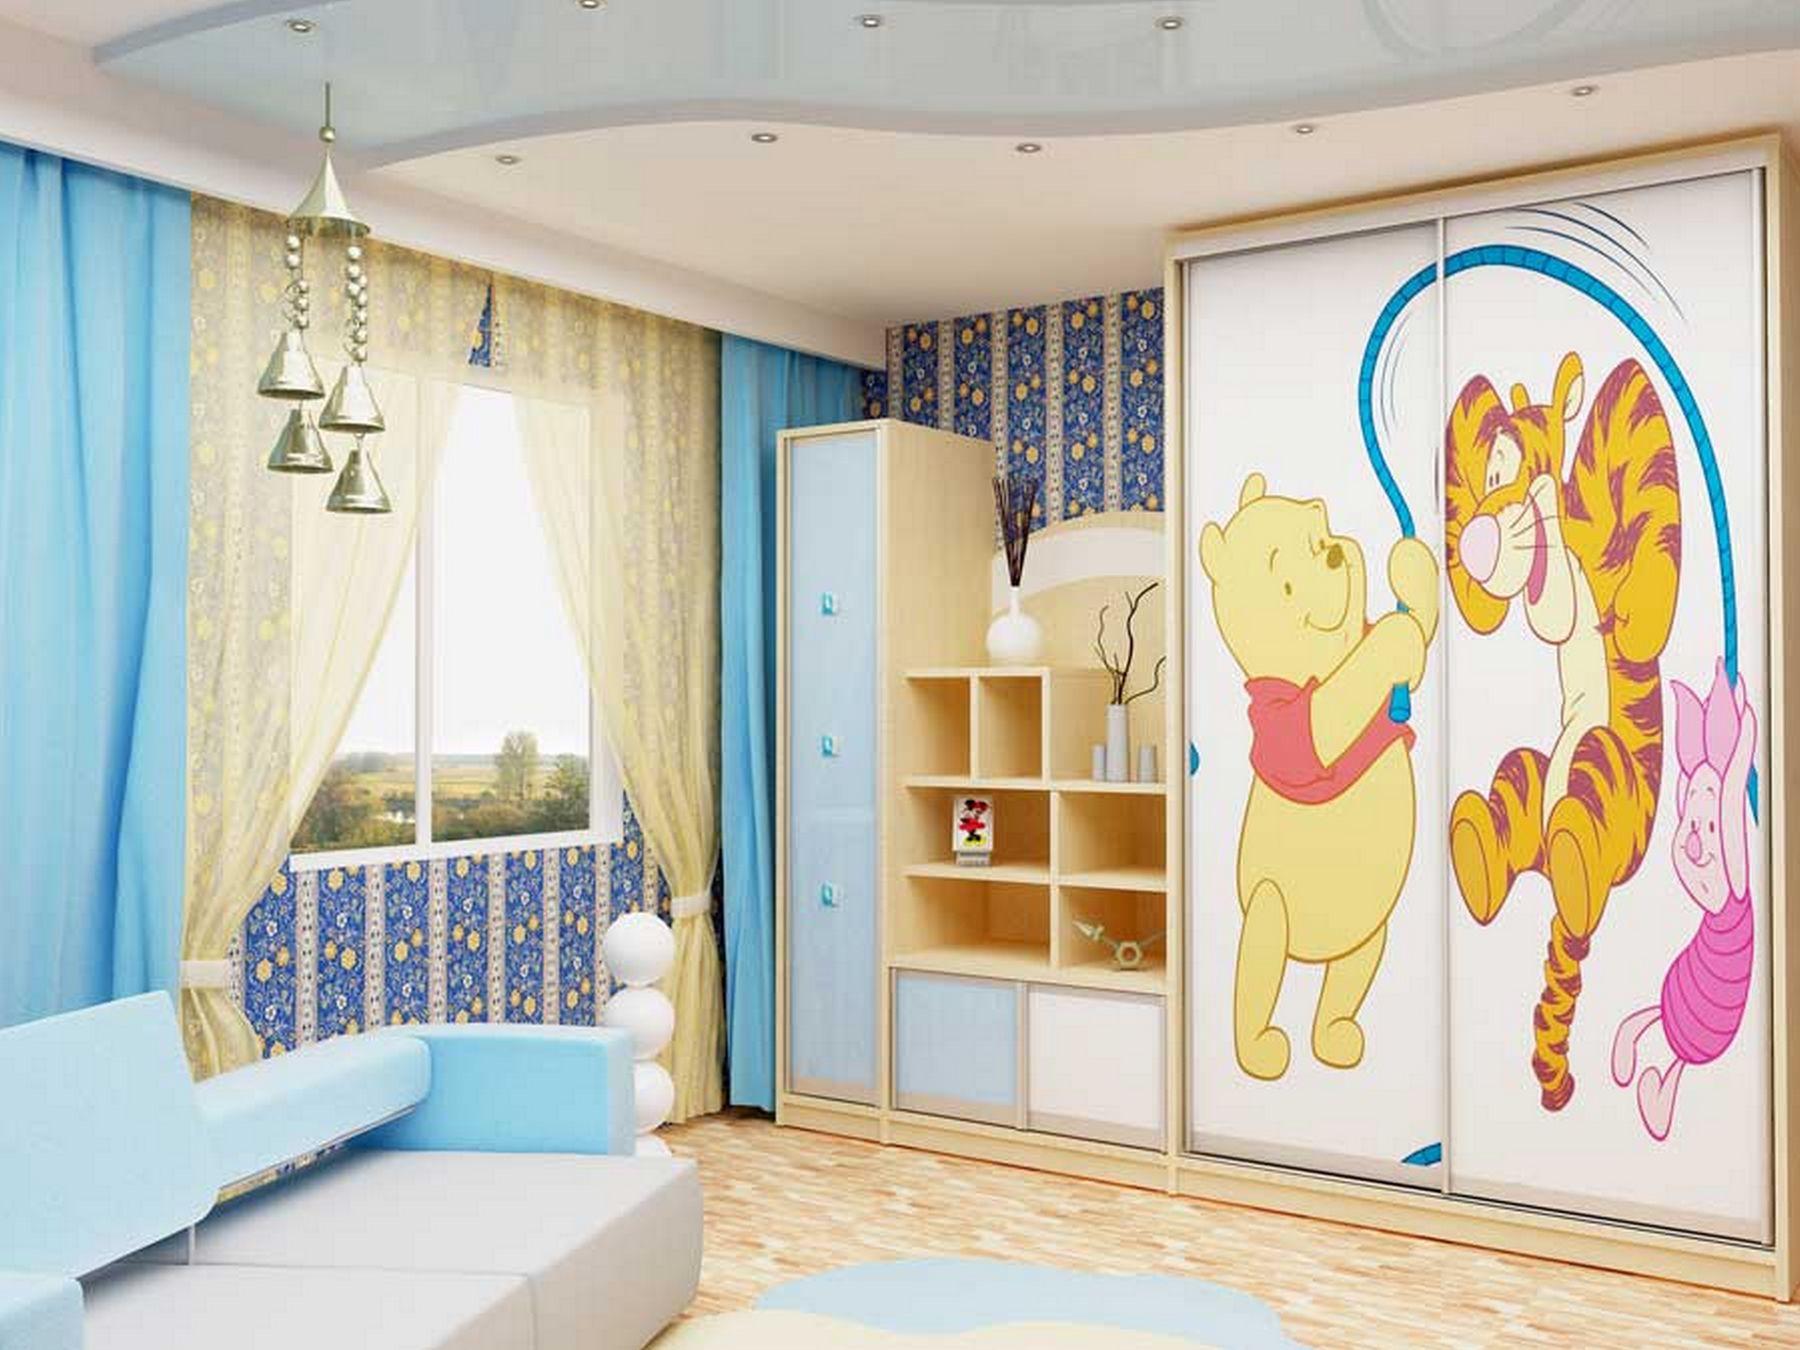 Выбор платяного и книжного шкафа для детской комнаты - чему стоит уделить внимание